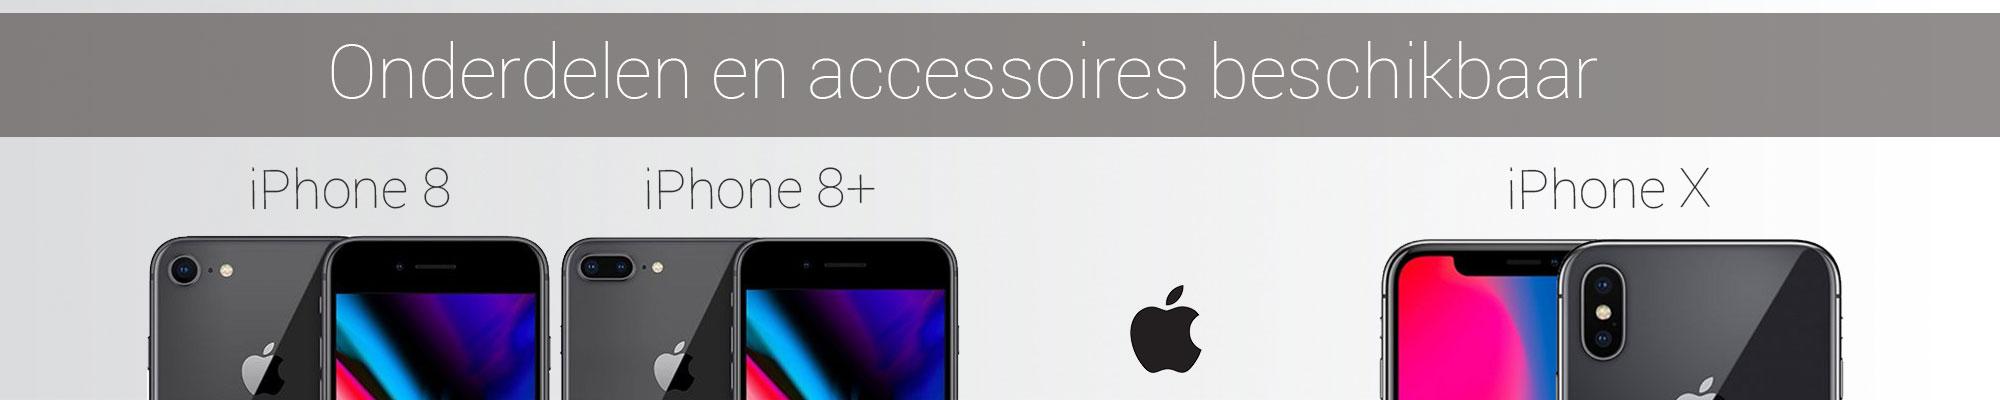 Onderdelen en accessoires voor de iPhone 8, iPhone 8+ en iPhone X beschikbaar